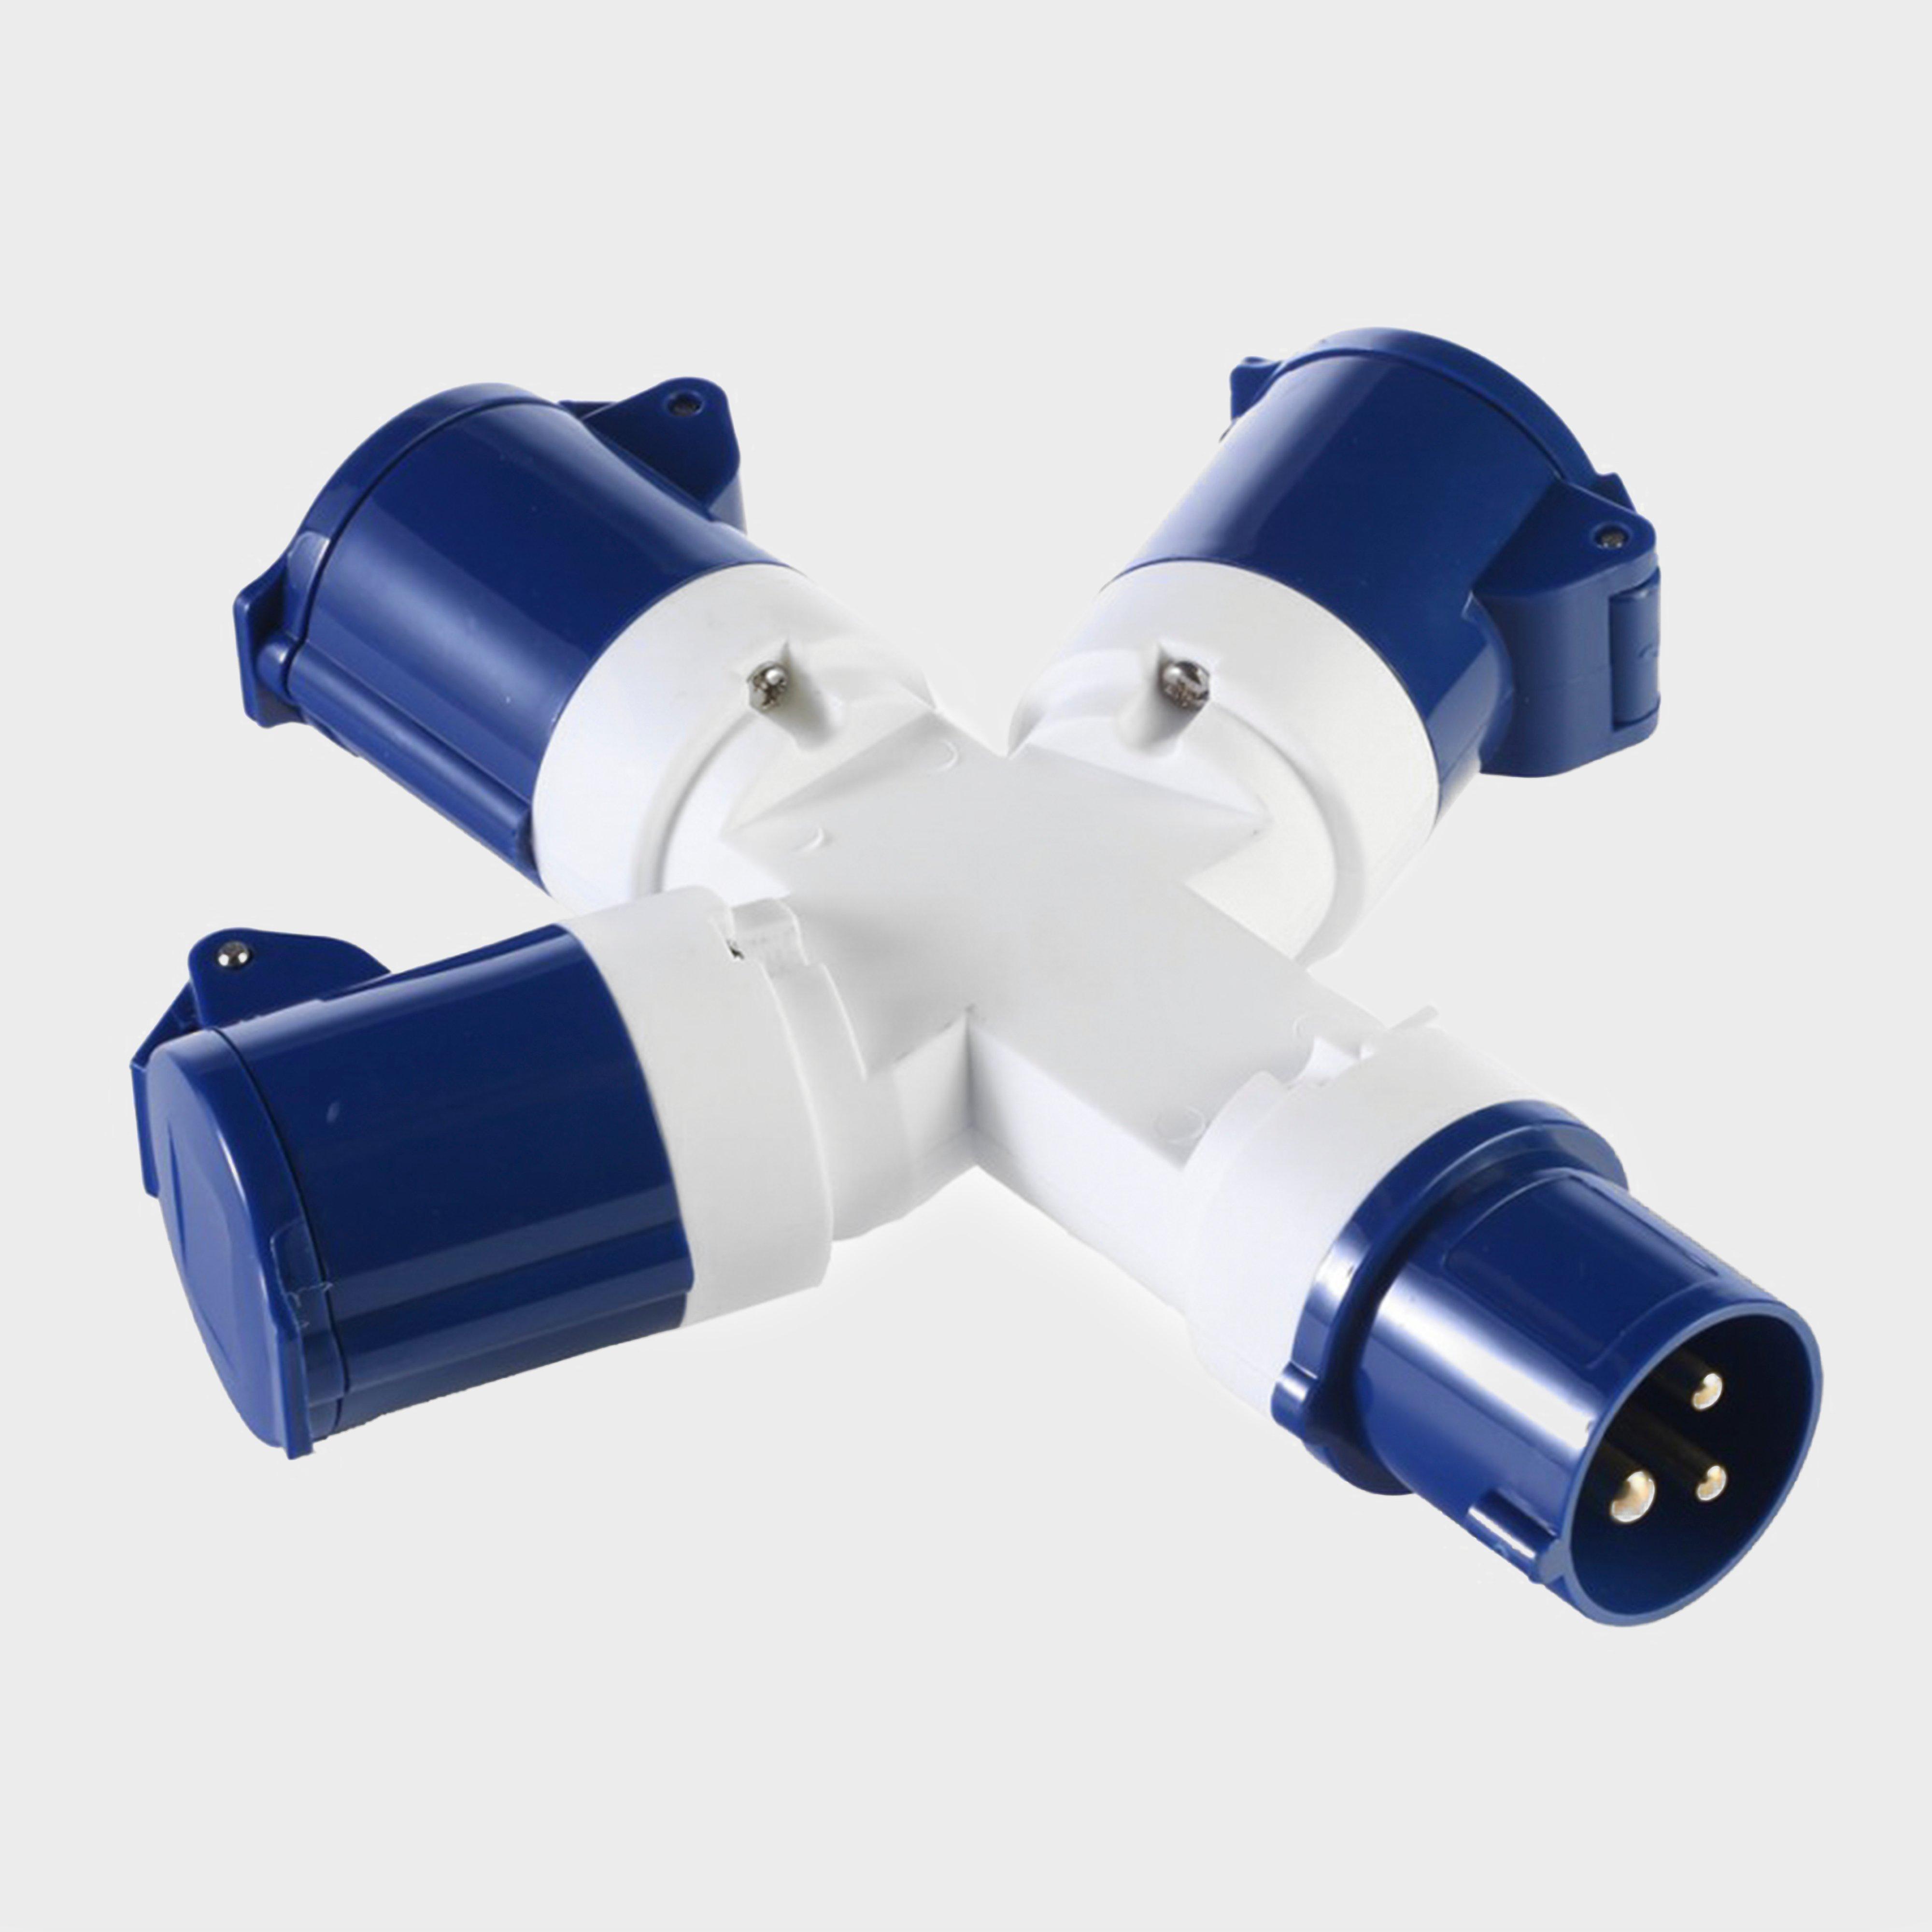 Vango Vango 3-Way Distributor Power Adapter - White, White